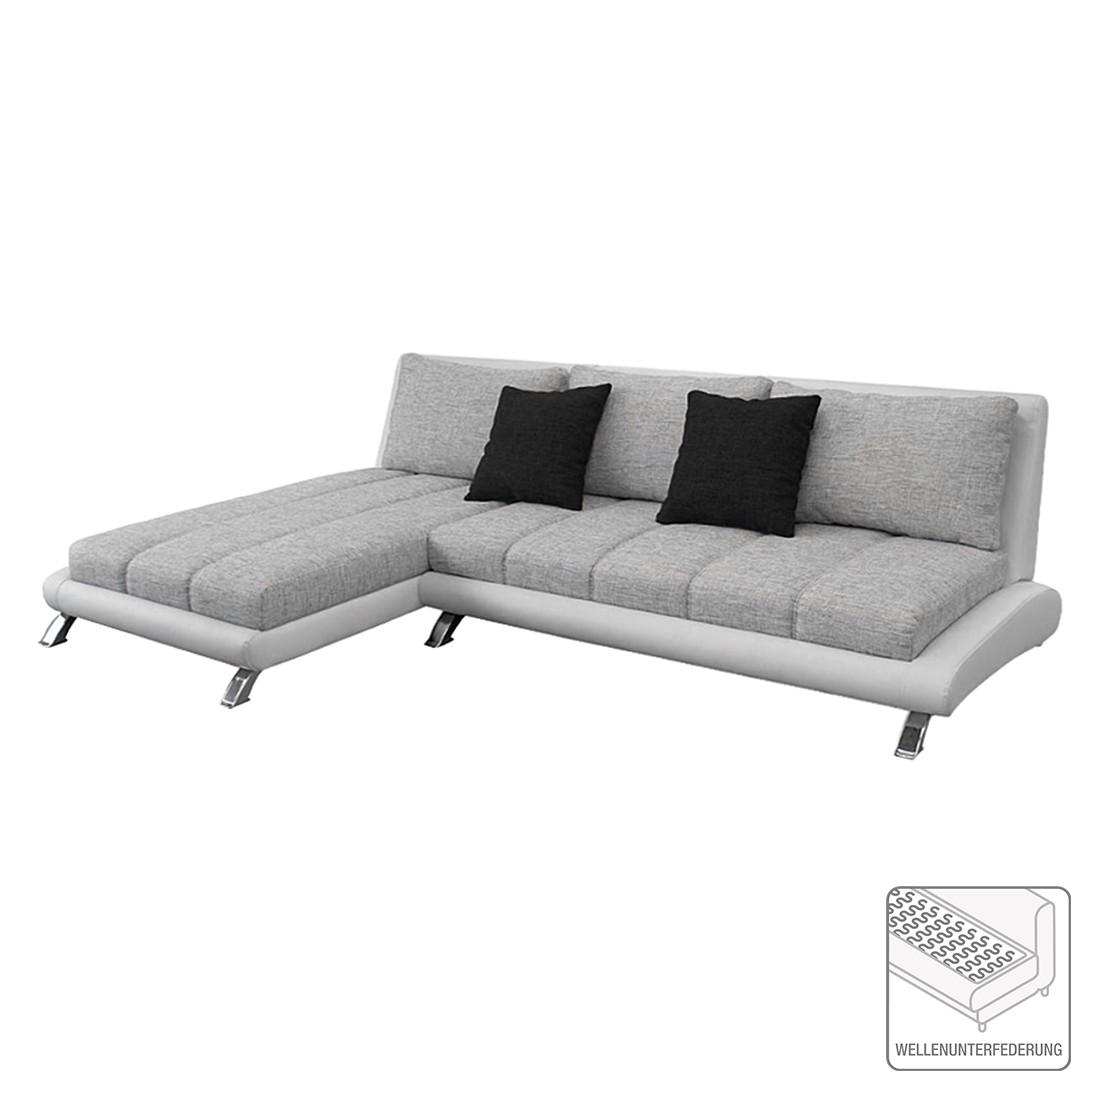 Canapé d'angle Lincoln - Cuir synthétique / Tissu - Méridienne - Blanc / Gris, roomscape